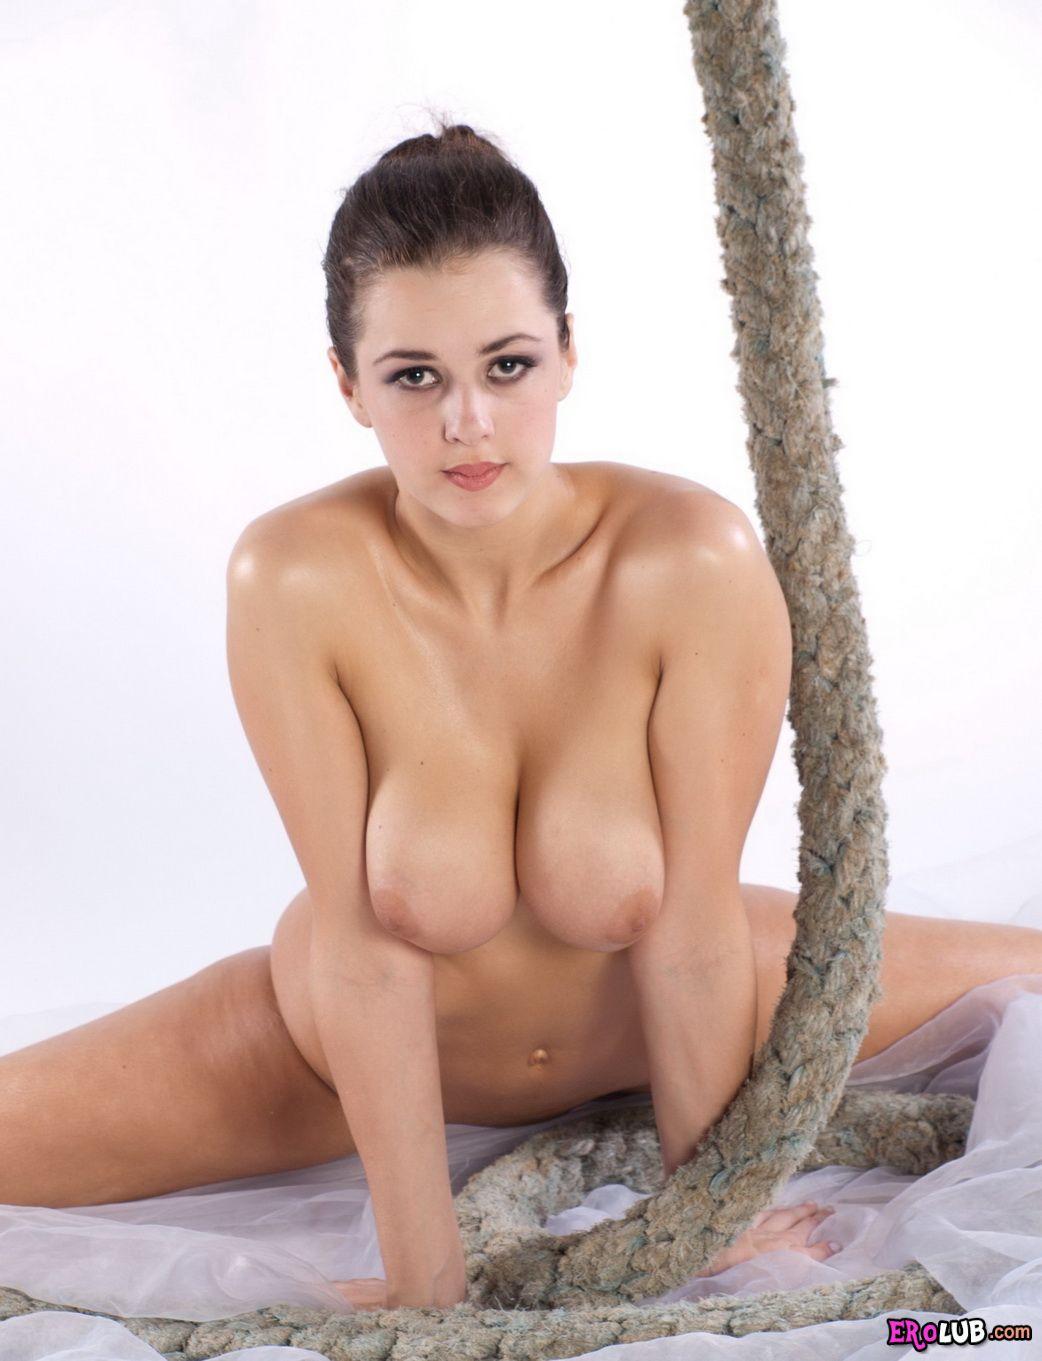 Аппетитные женские формы видео порно